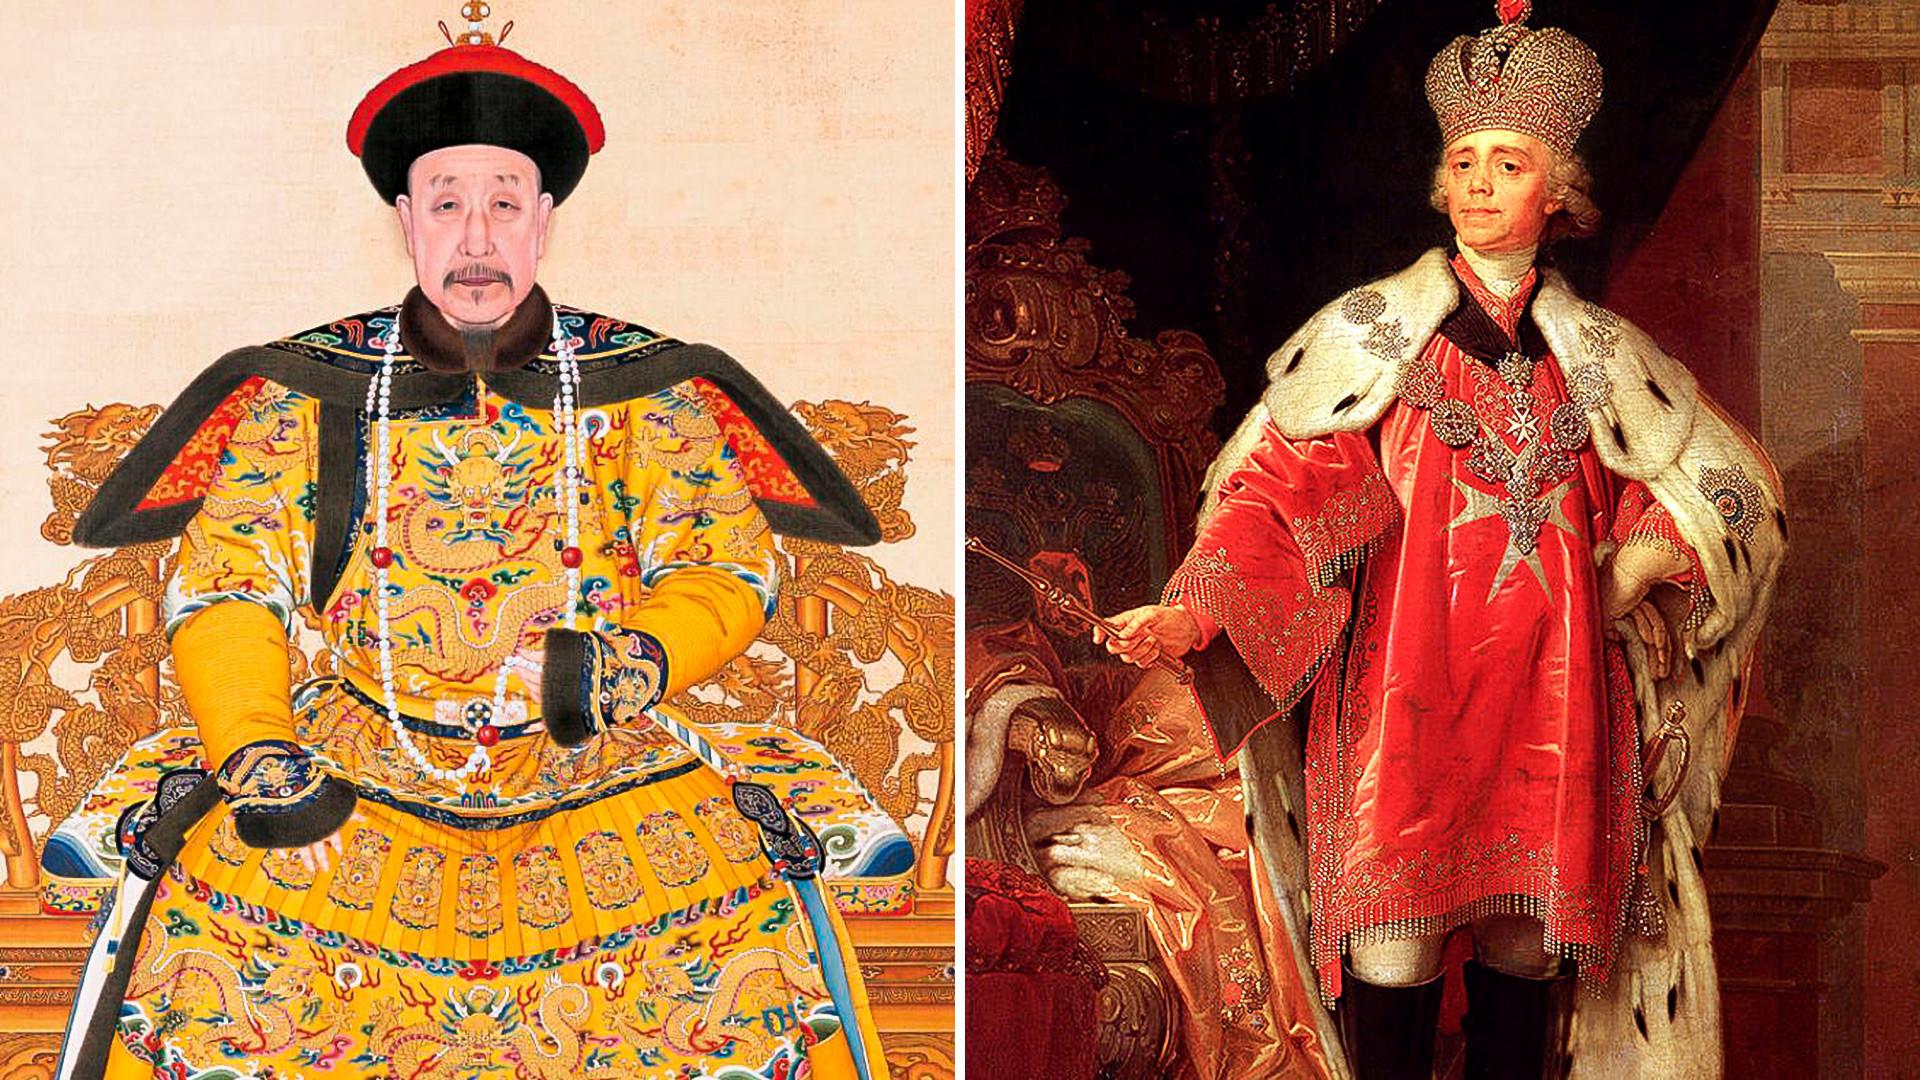 Lijevo: Portret cara Qianlonga u svečanoj odjeći. Dinastija Qing, vladavina Qianlonga (1736.–1796.) Desno: Portret Pavla I. u krunidbenoj odjeći